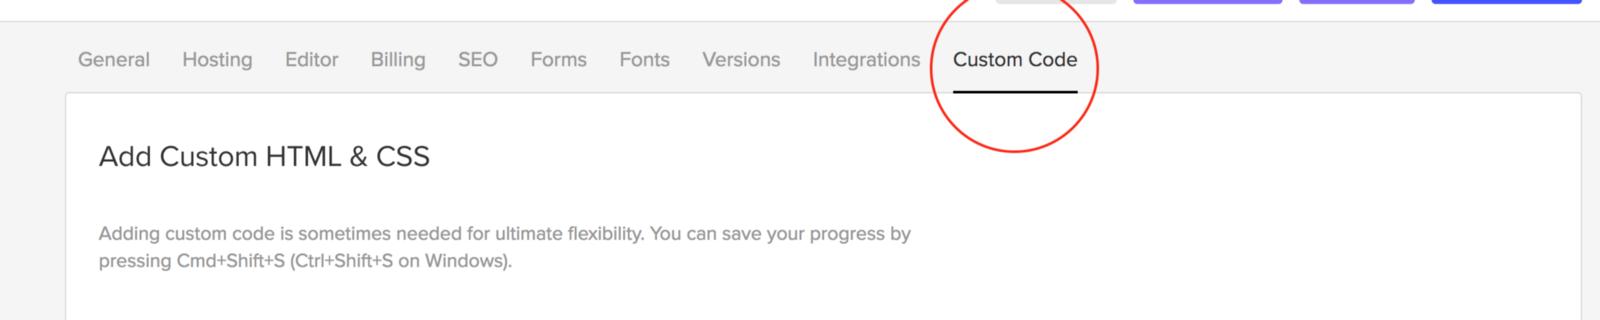 custom code tab in webflow